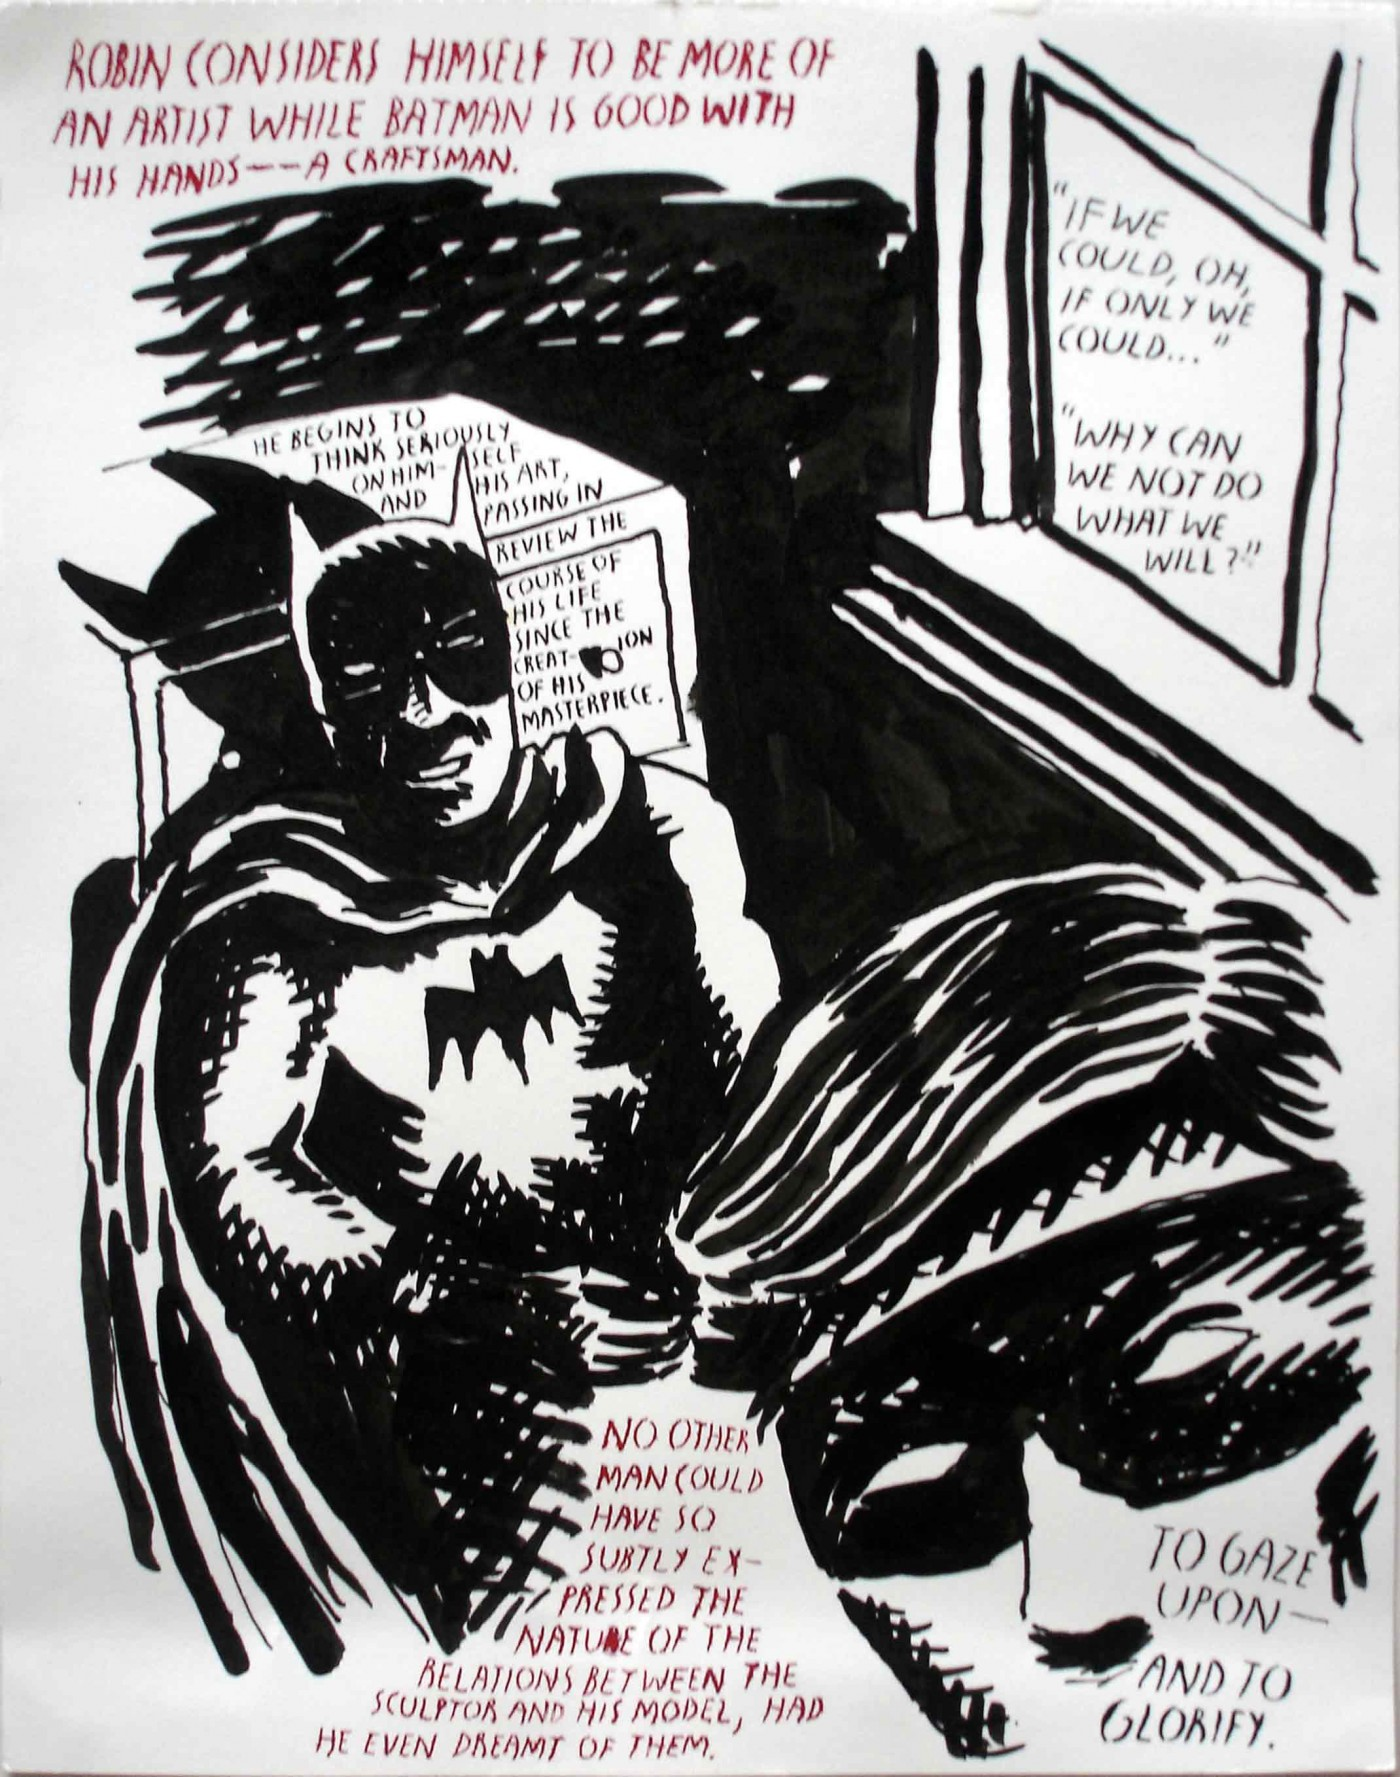 pettibon-batman-and-robin99-e1427459356661.jpg